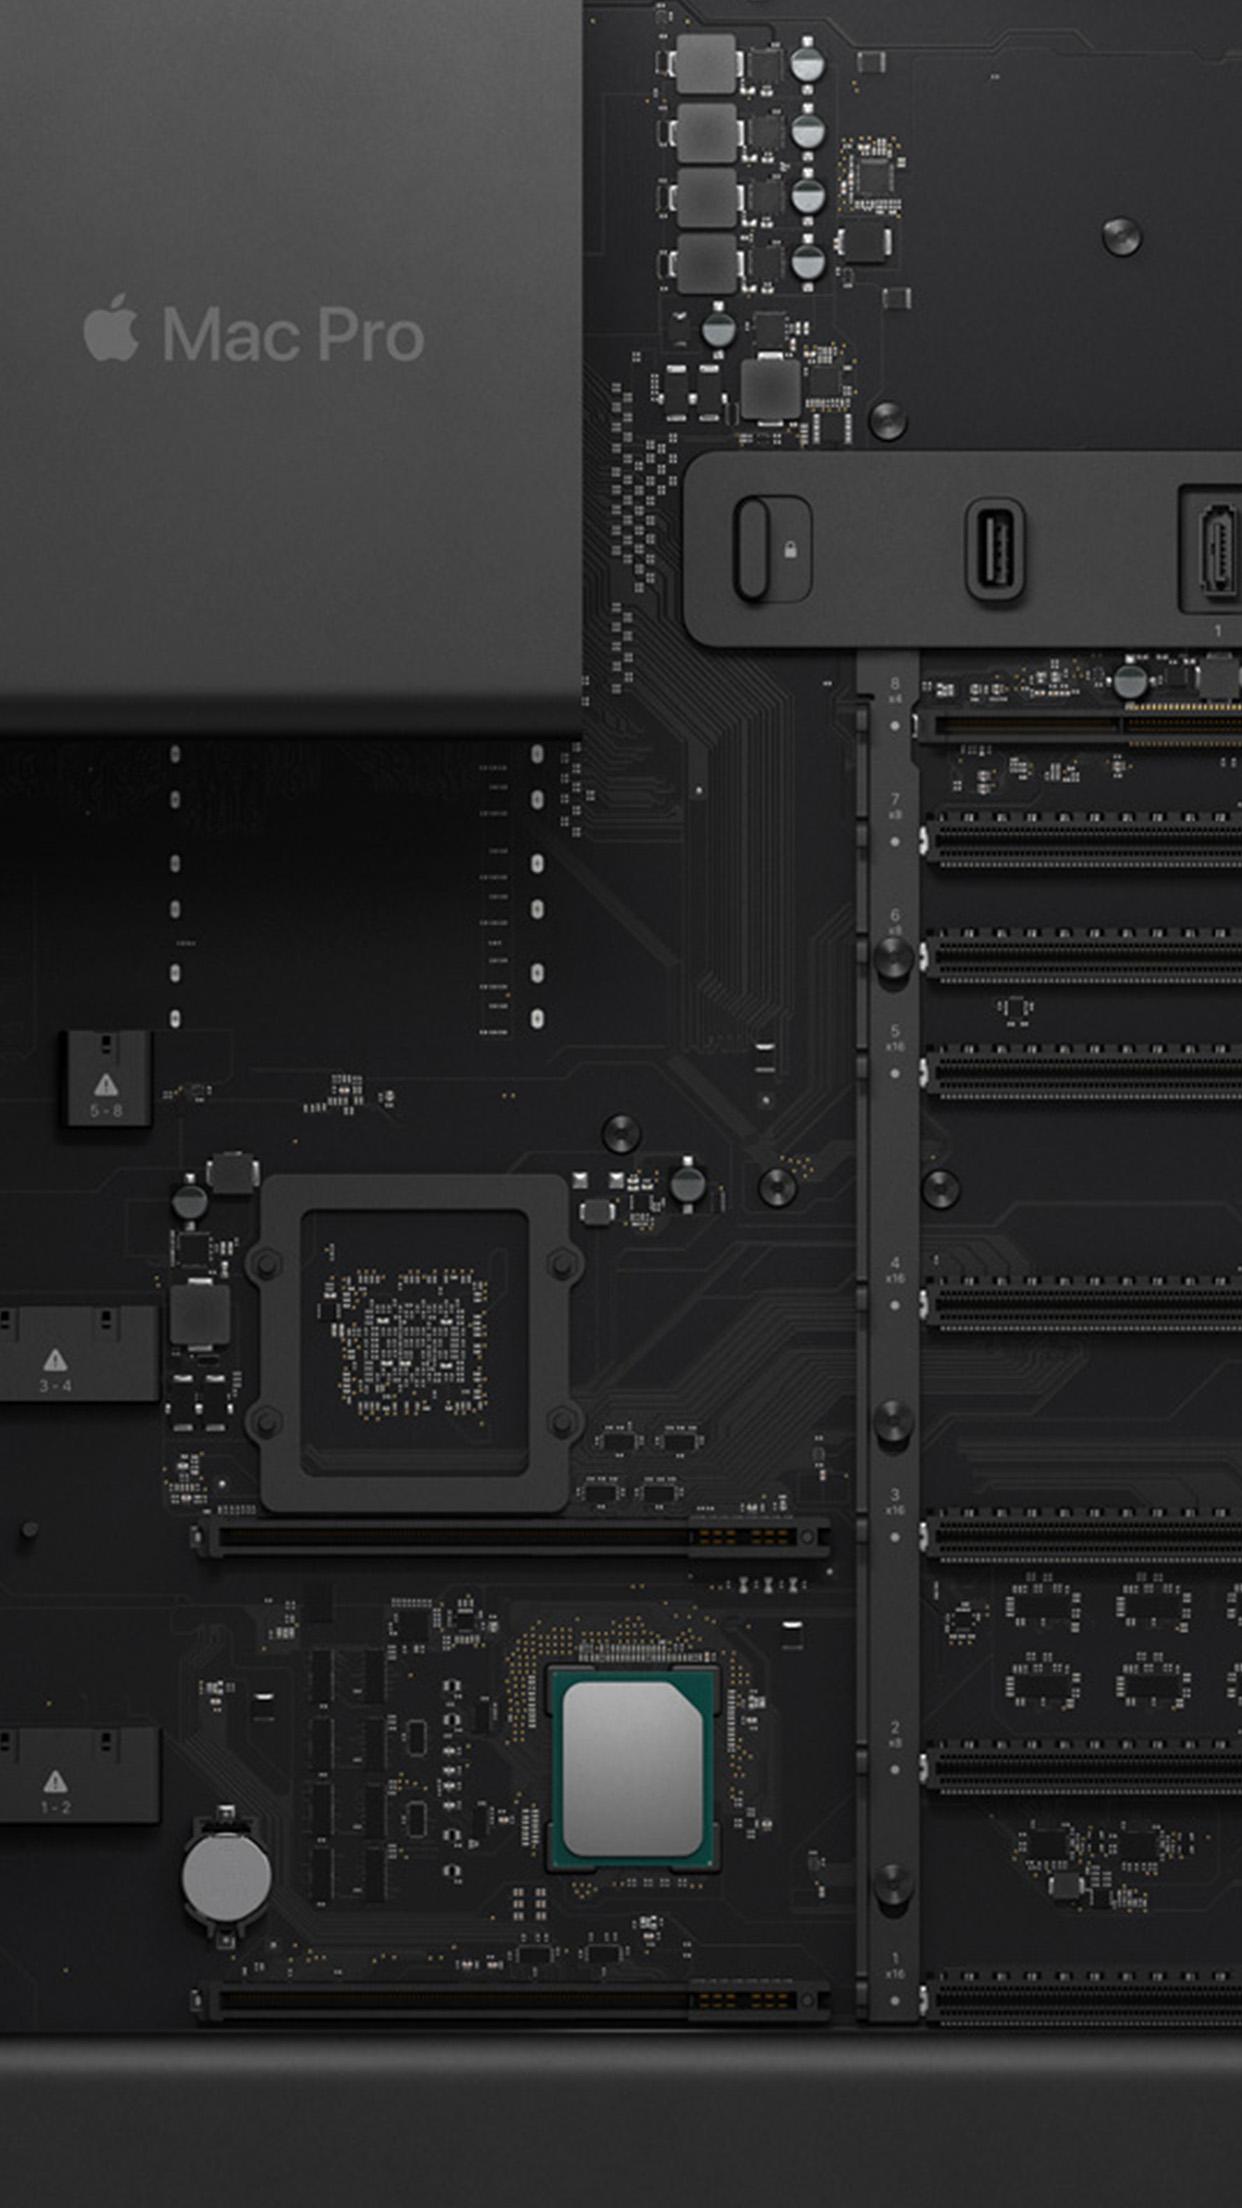 Iphonepapers Com Iphone Wallpaper Bj08 Mac Pro Inside